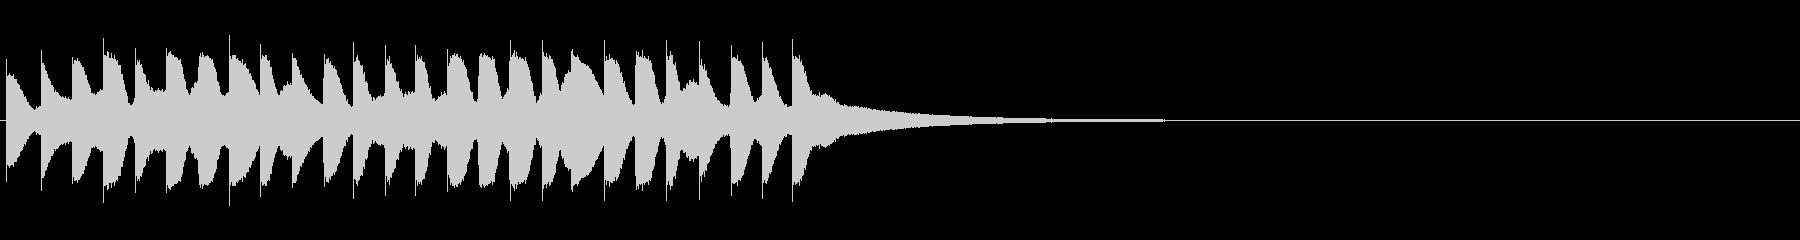 大規模なブロンズディナーゴング:い...の未再生の波形